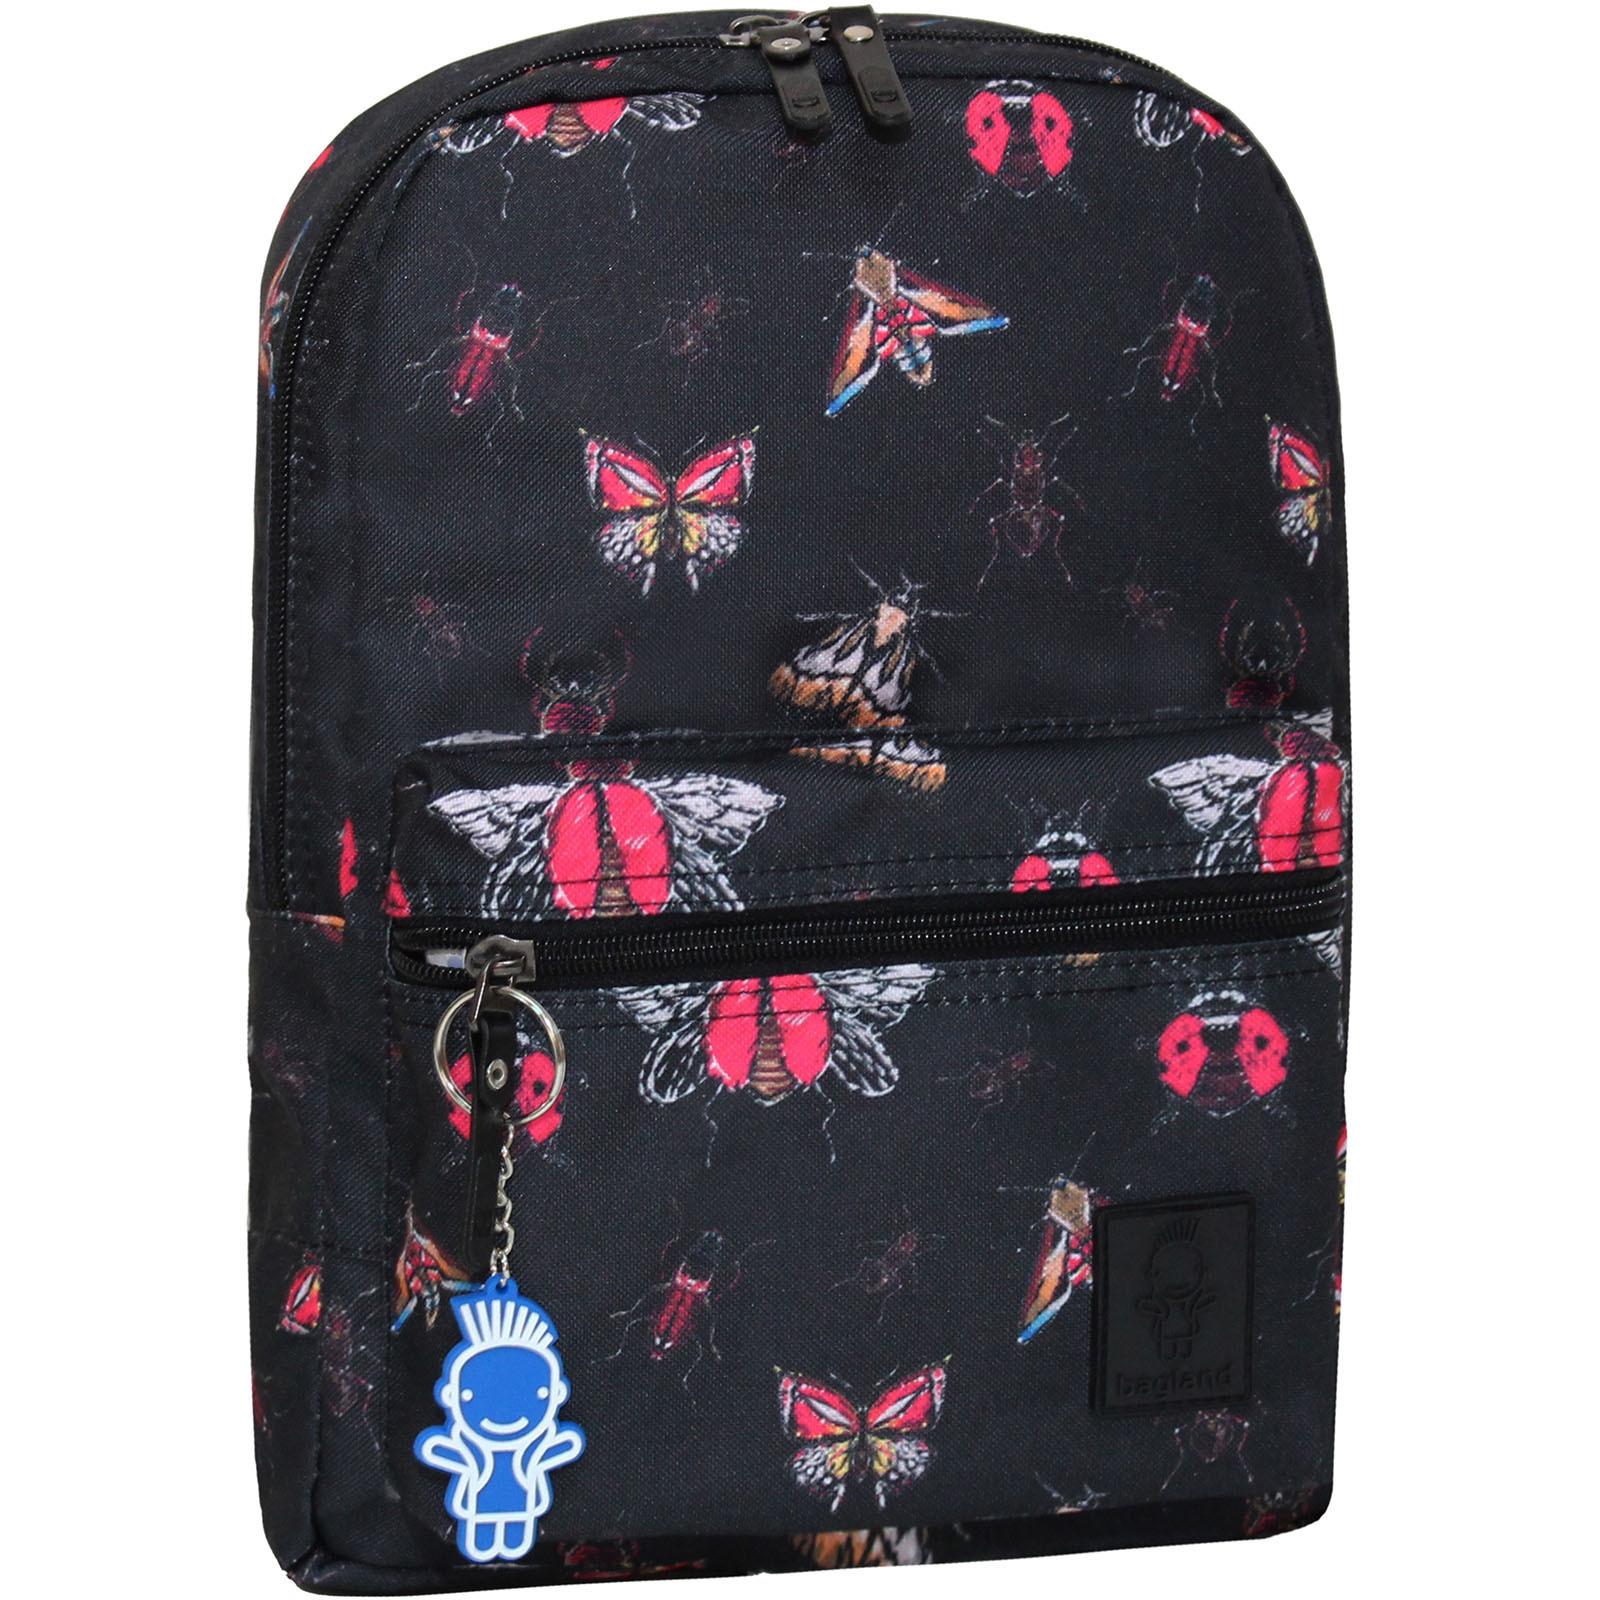 Детские рюкзаки Рюкзак Bagland Молодежный mini 8 л. сублимация 154 (00508664) IMG_9471.jpg